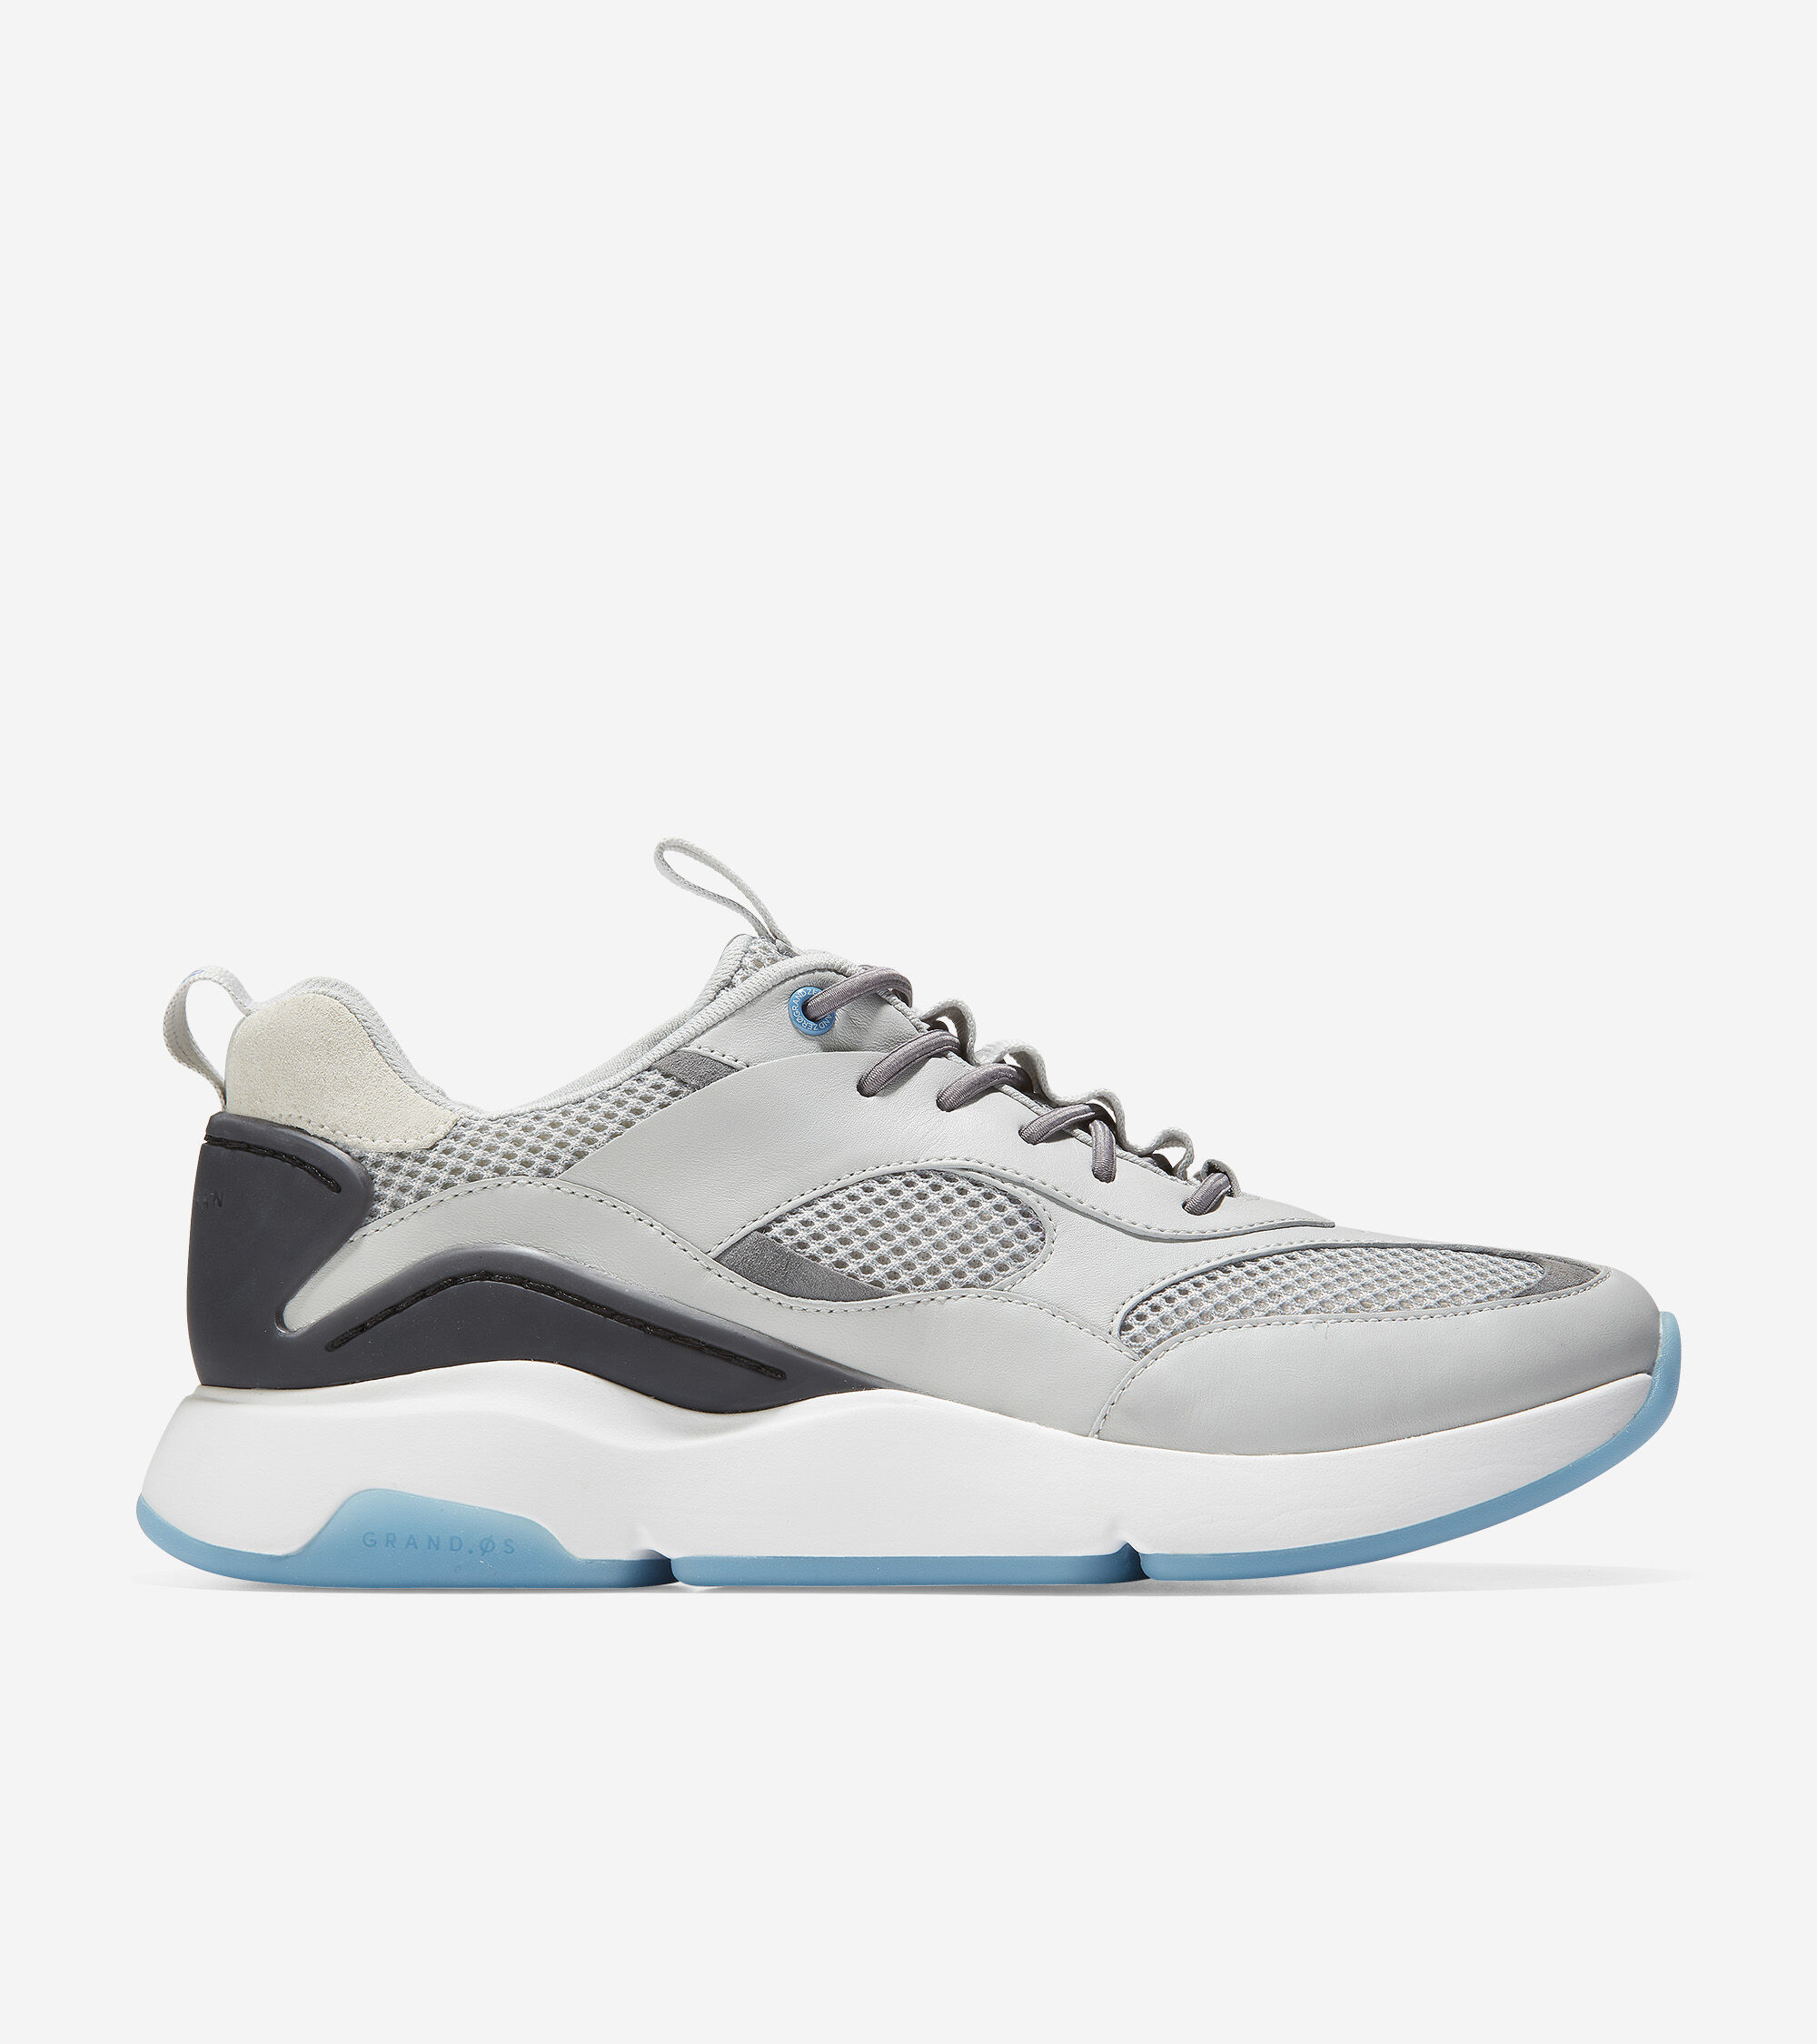 City Sneaker in Glacier Grey | Cole Haan